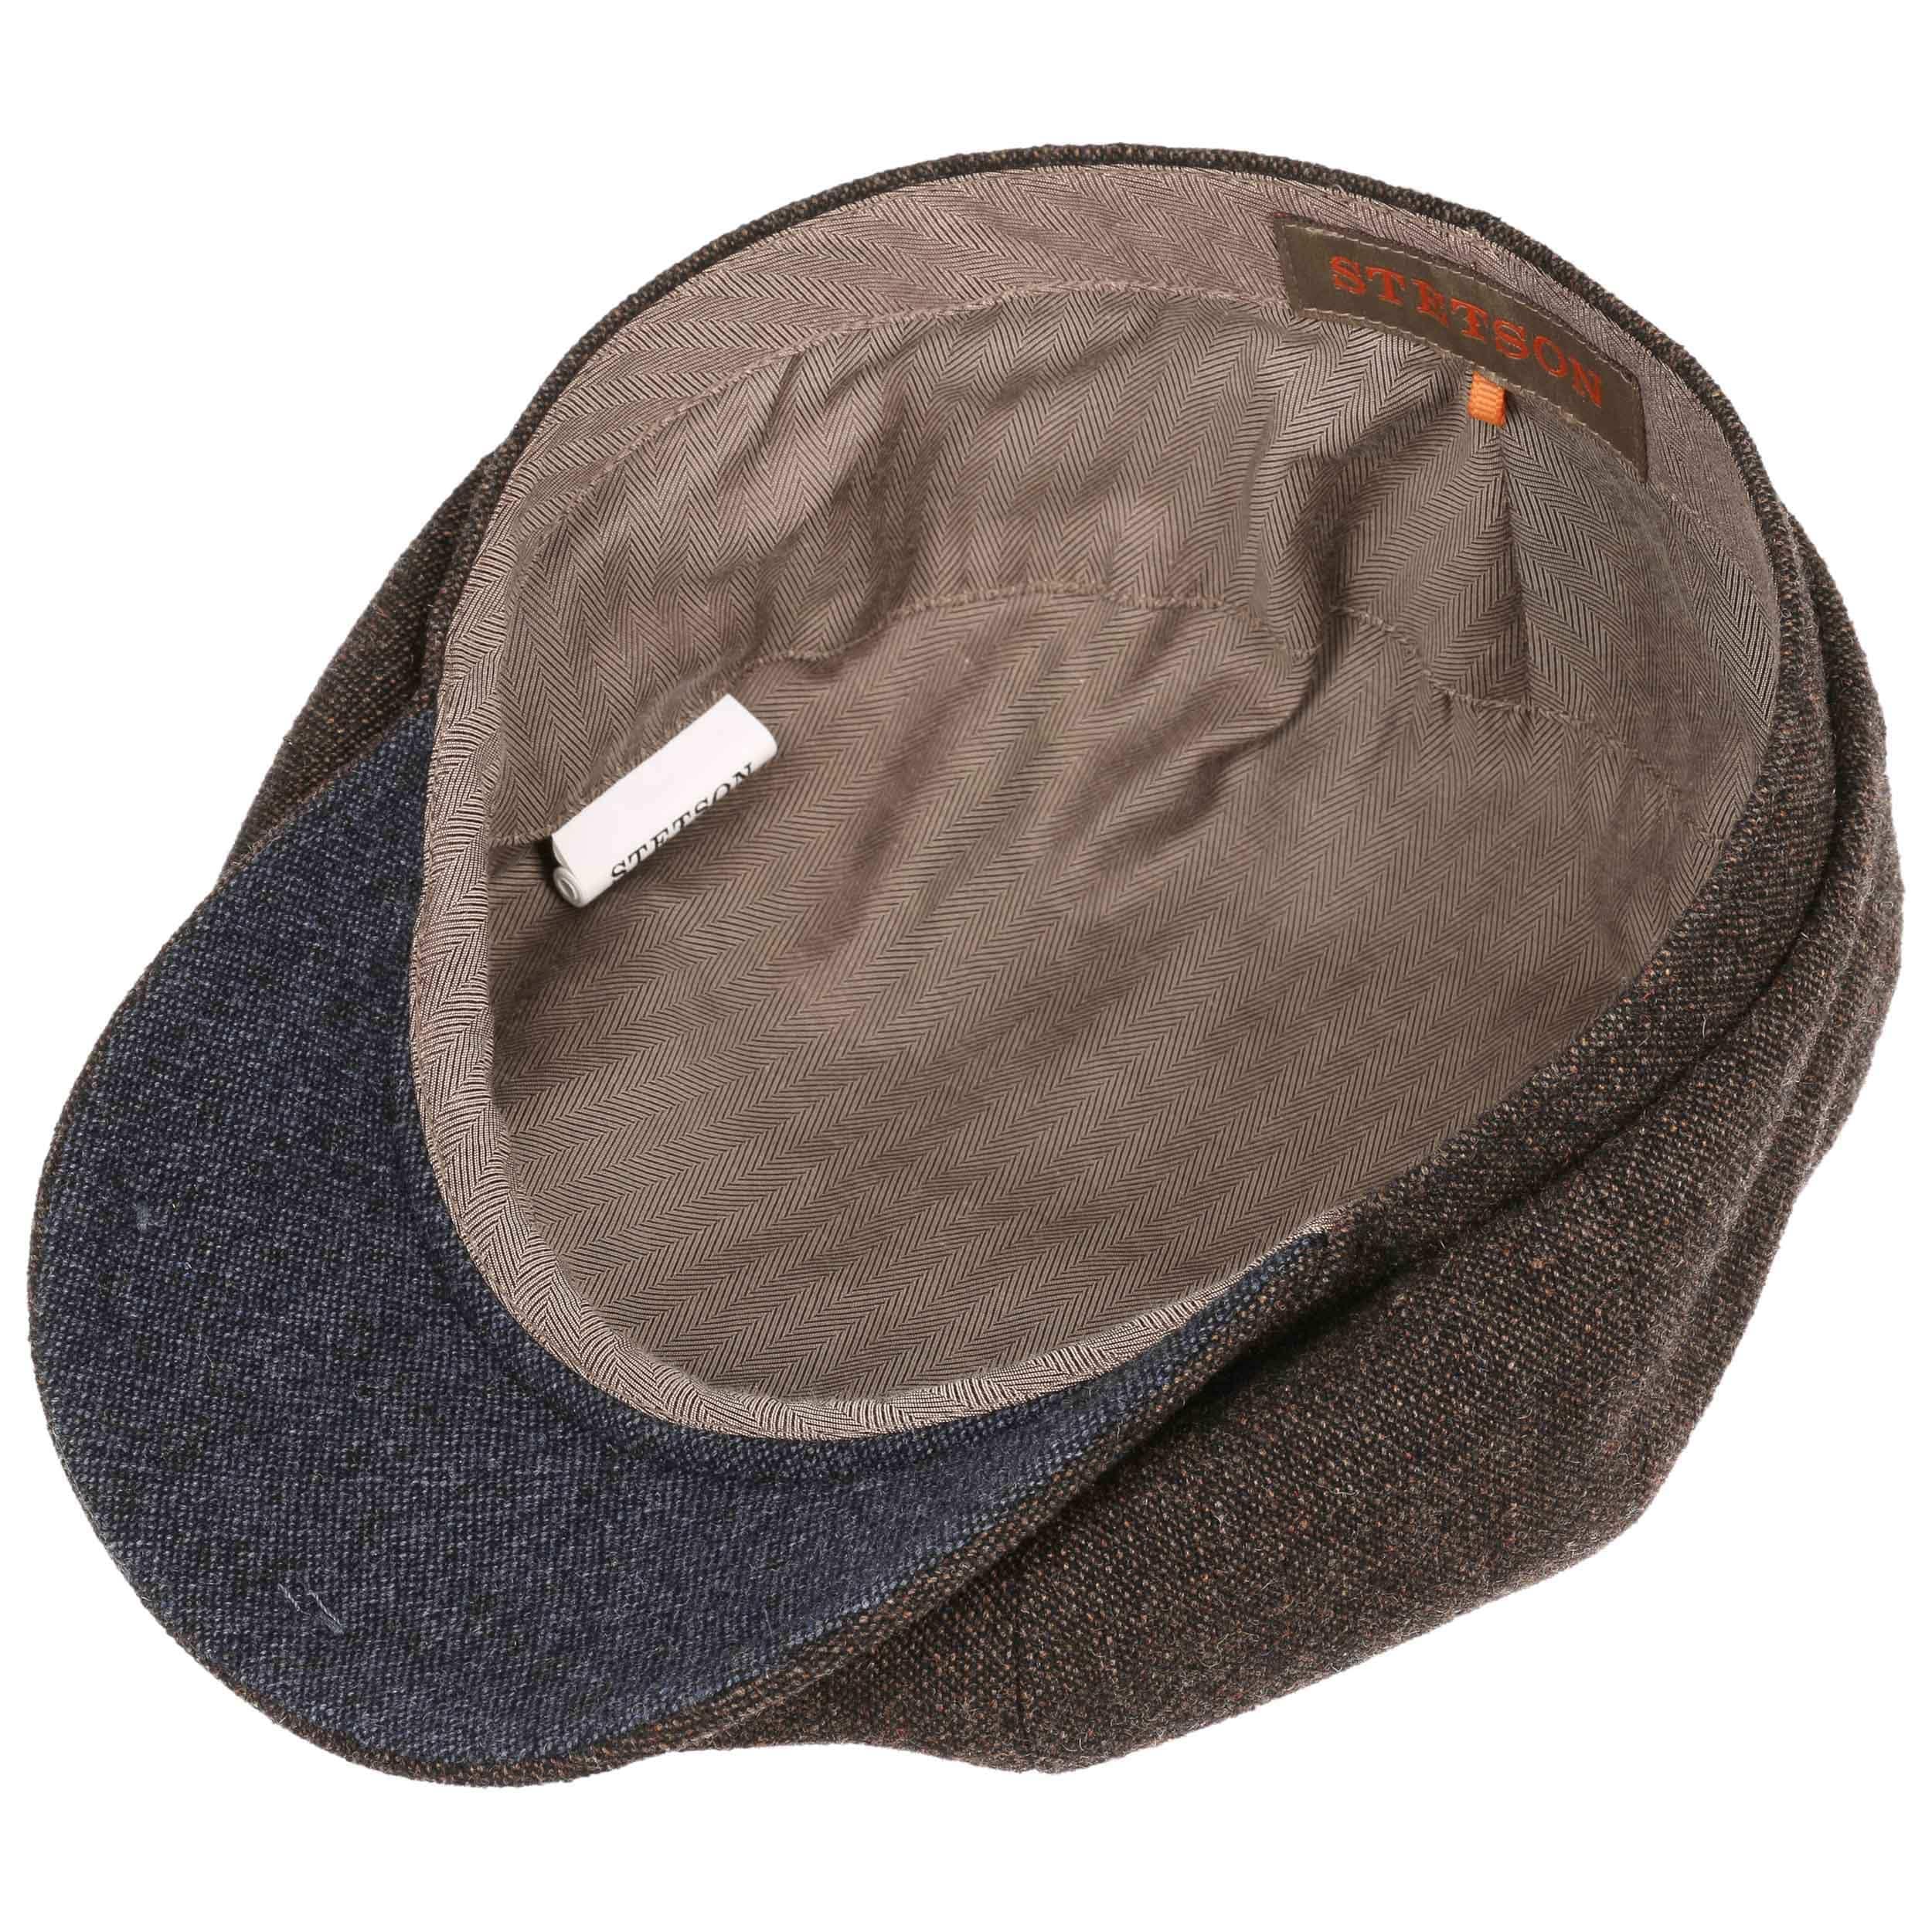 d1d71553 ... Hatteras Wool Cashmere Flat Cap by Stetson - brown-mottled 3 ...